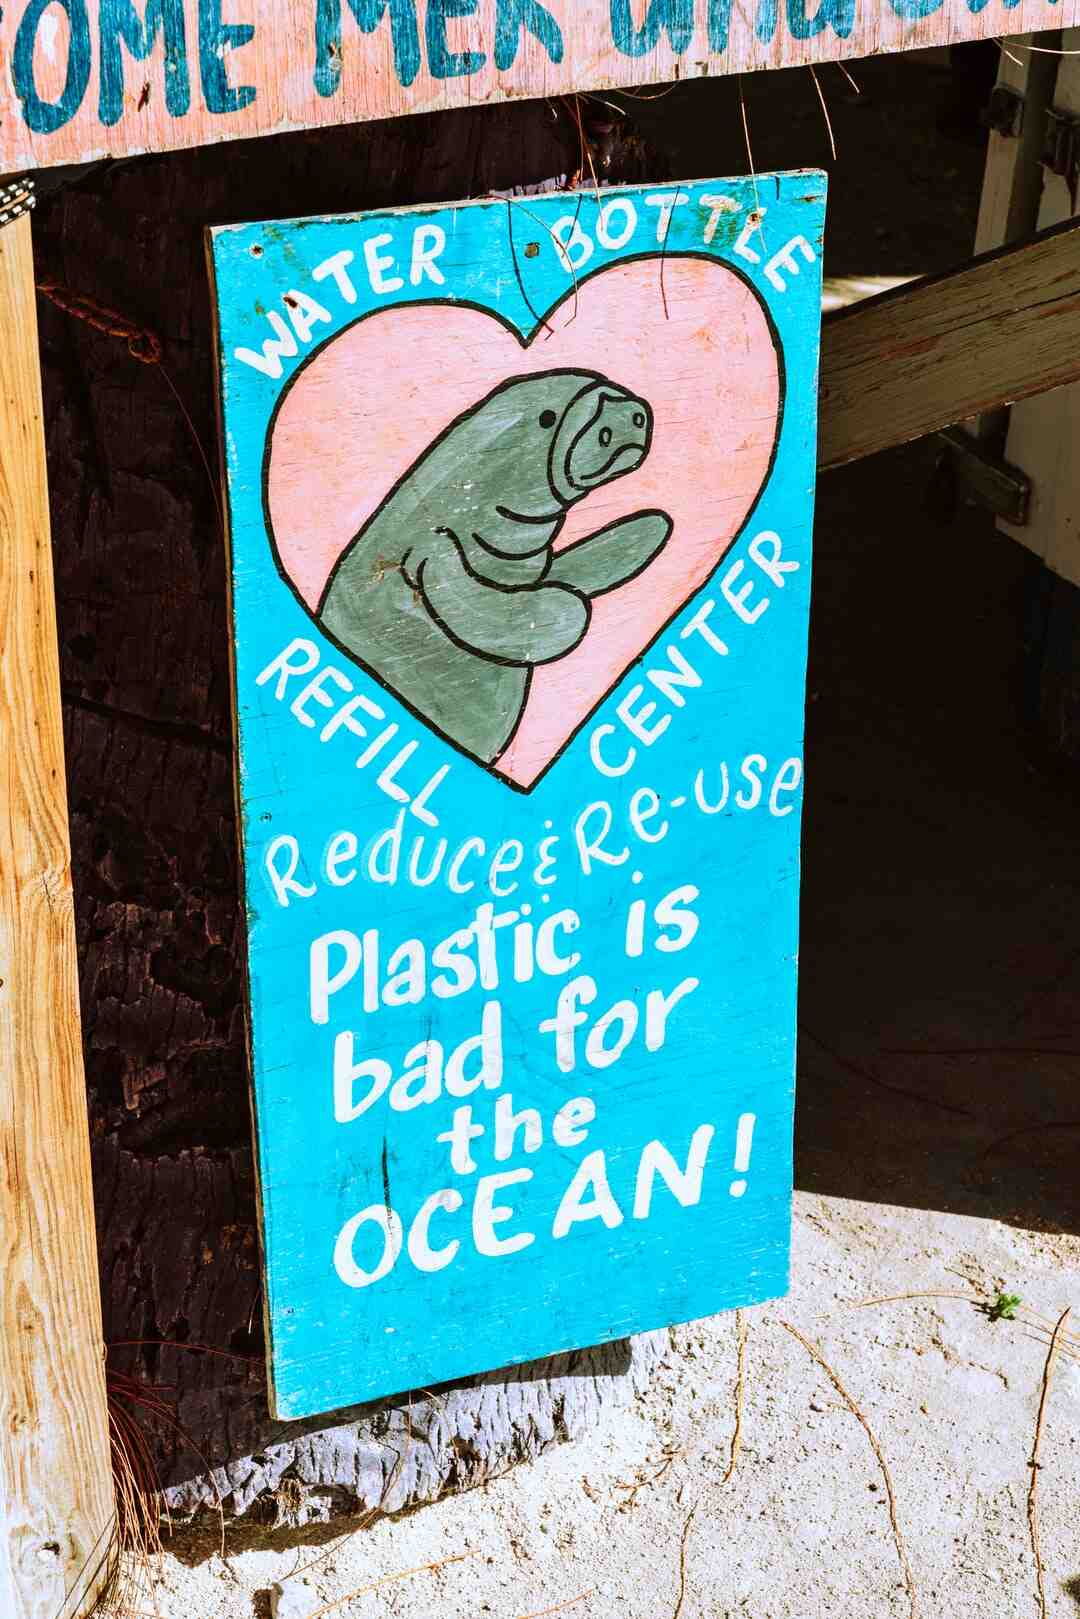 Comment gagner de l'argent avec des bouteilles en plastique ?